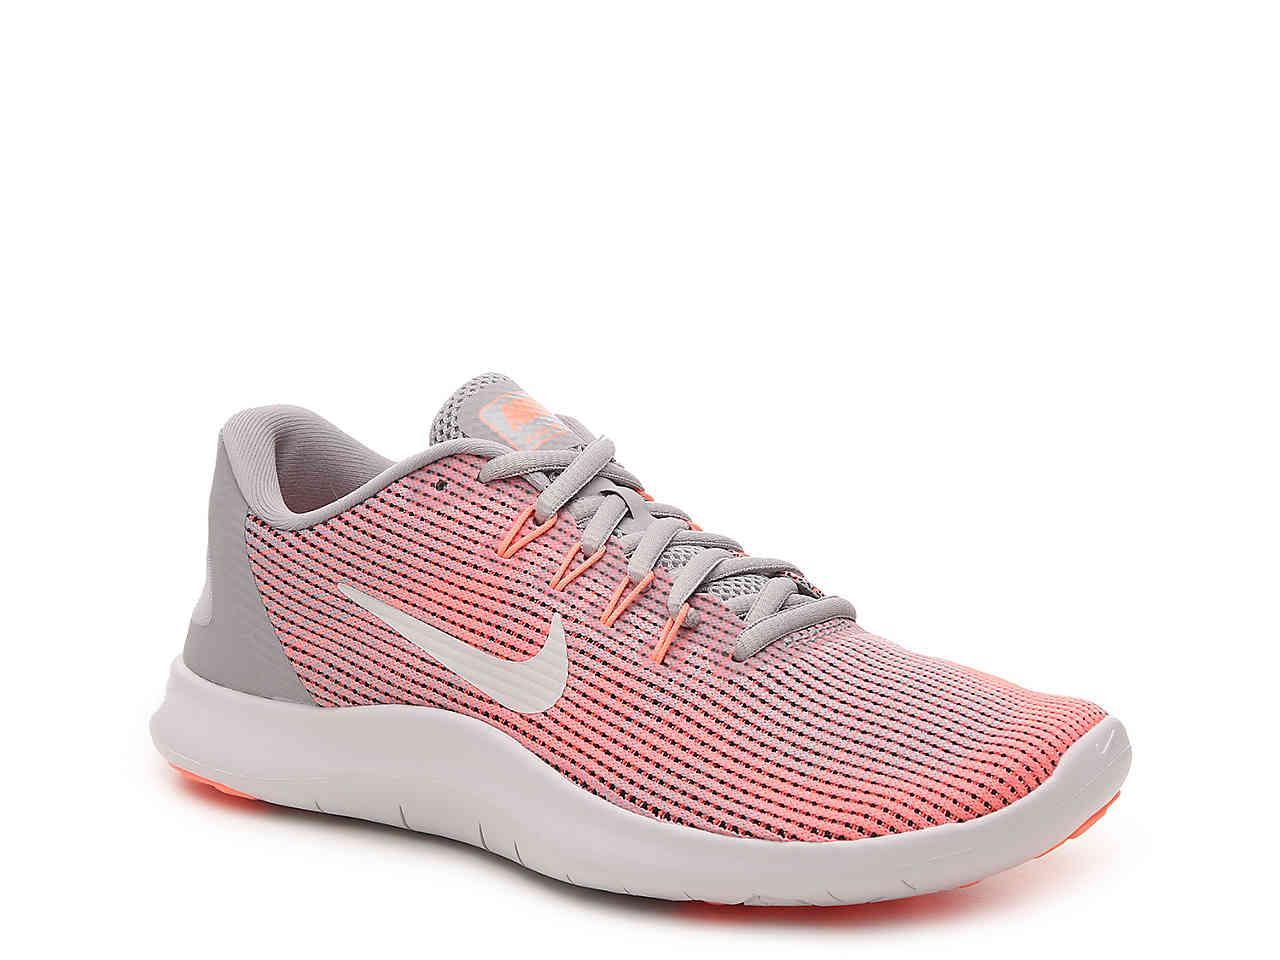 size 40 318e3 5d119 Nike Flex 18 Rn Lightweight Running Shoe - Lyst